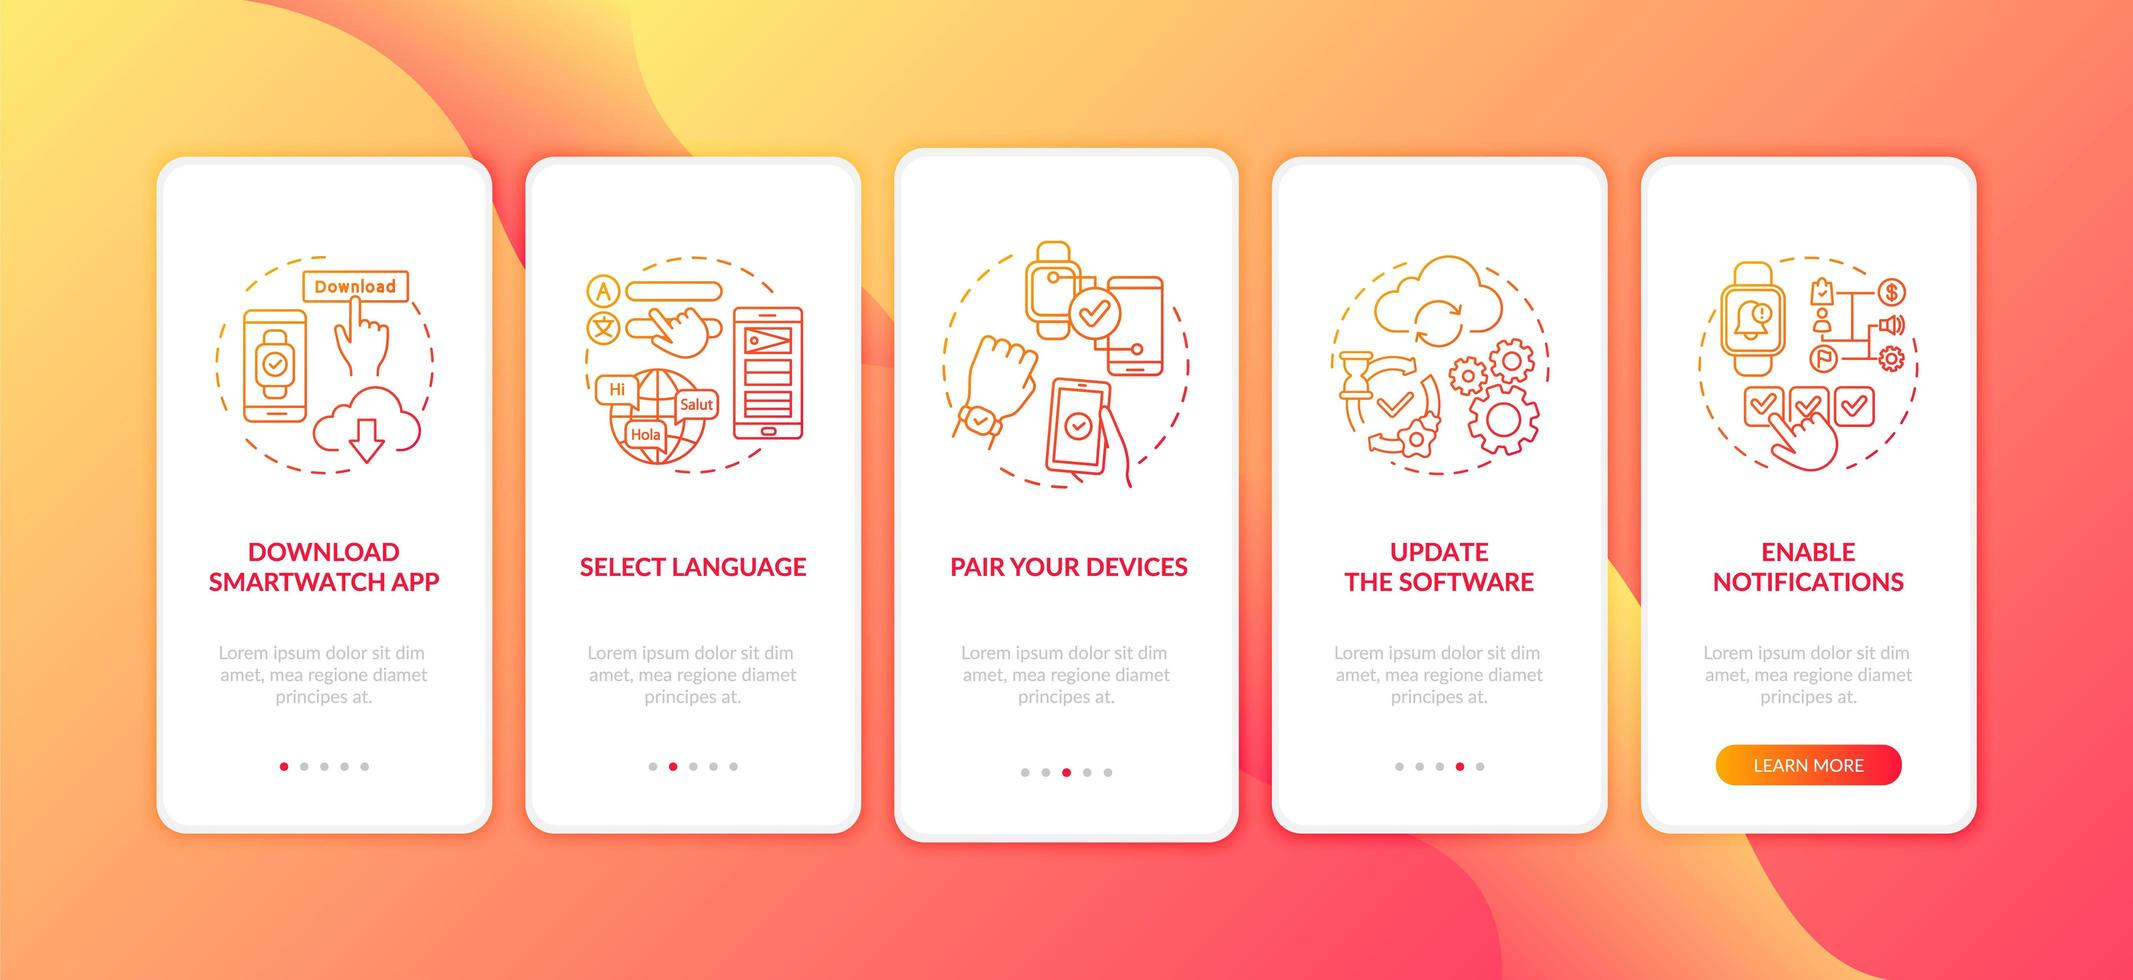 conselhos de configuração do smartwatch na tela da página do aplicativo móvel com conceitos vetor